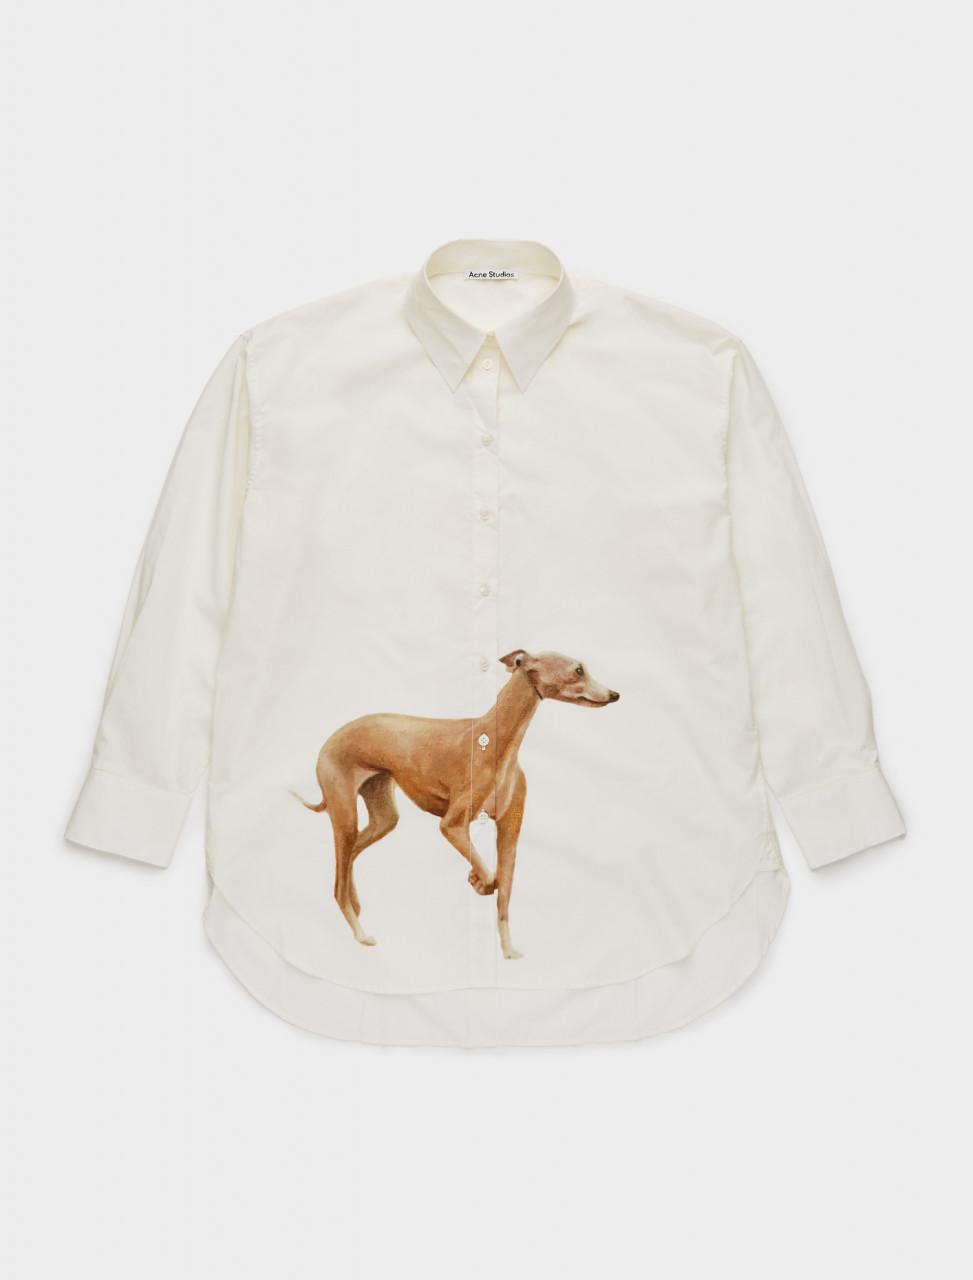 110-AC0314-AO0 ACNE STUDIOS Dog Print Poplin Shirt